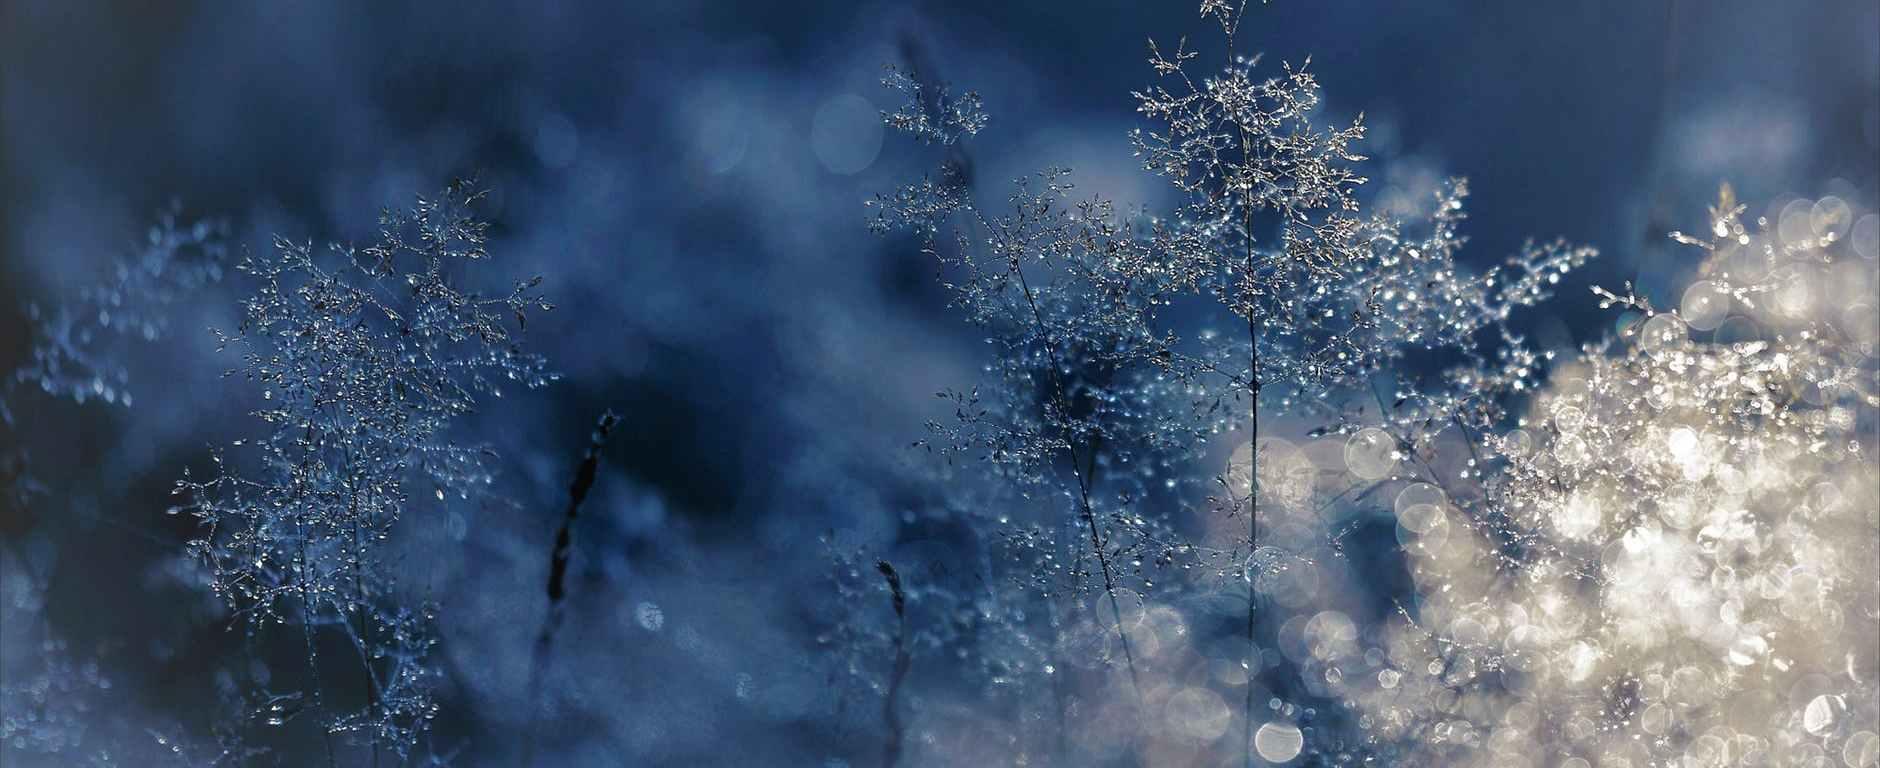 Χριστουγεννιάτικη Κατάθλιψη, κατάθλιψη των Χριστουγέννων, μελαγχολία, κατάθλιψη, christmas blues xmas mood blue xmas blue